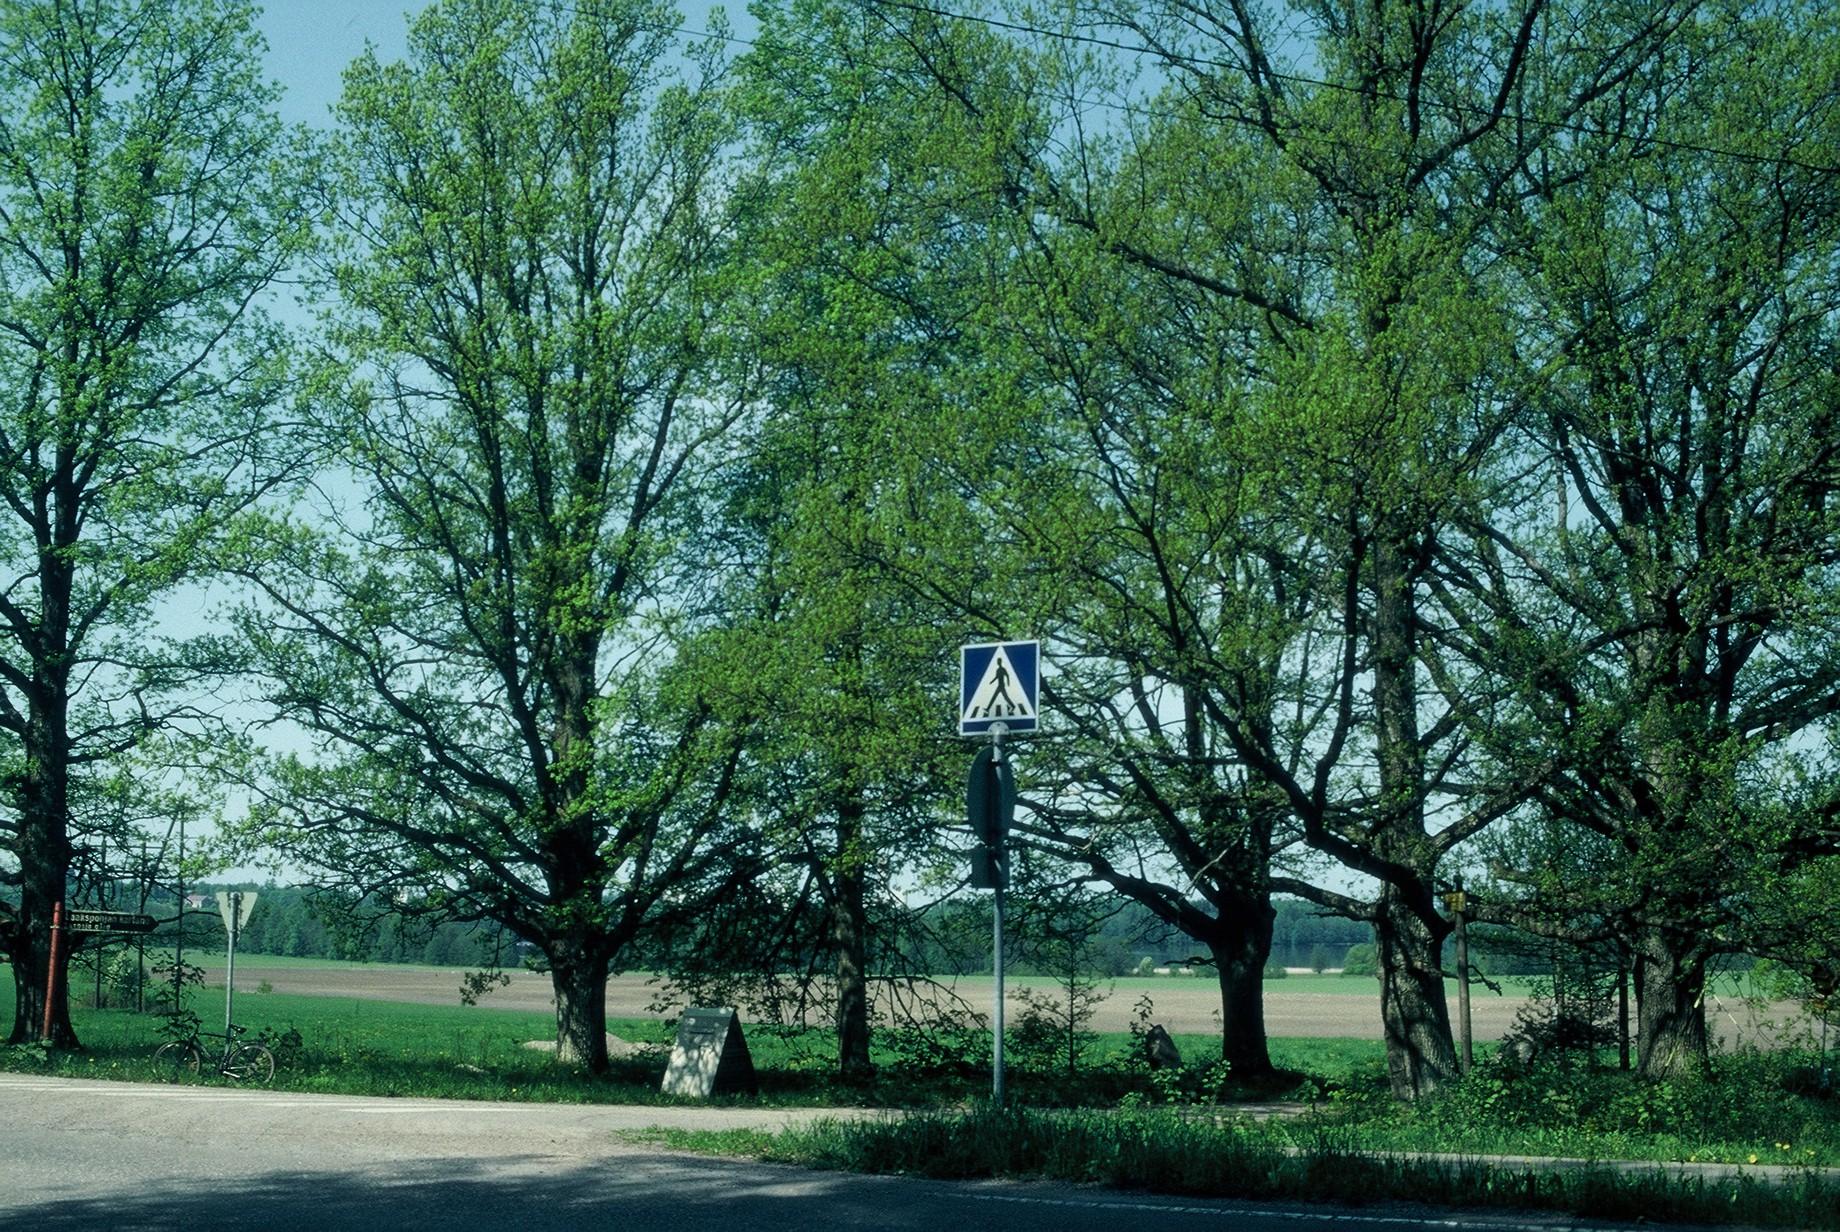 Luonnonmuistomerkki, tammiryhmä, Laakspohja, kuva Lohjan ympäristönsuojelu.